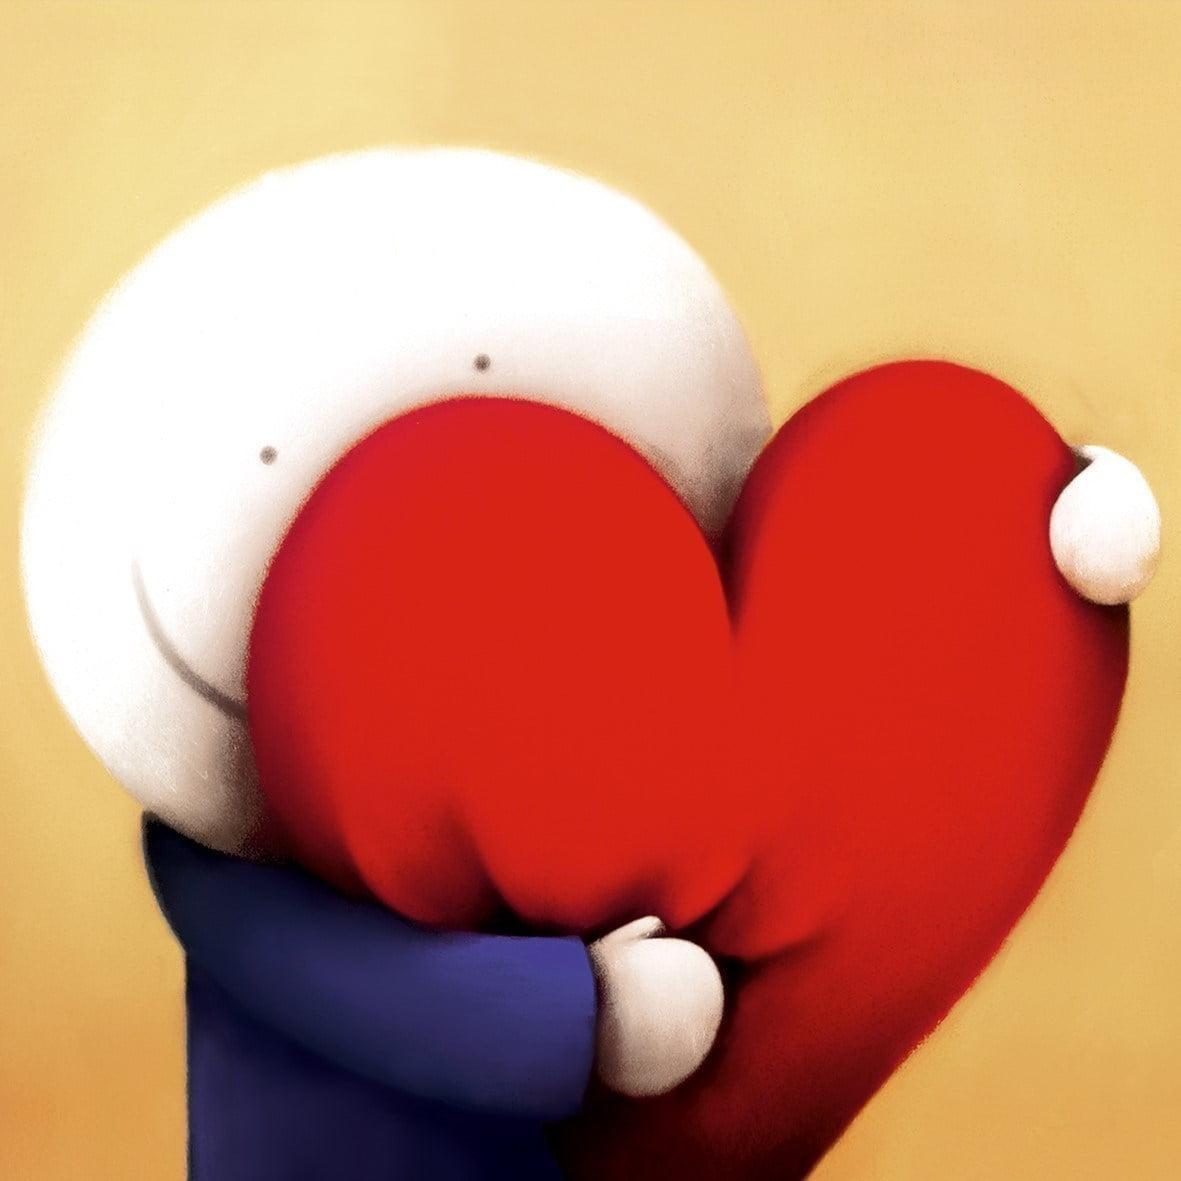 Big hearted ~ Doug Hyde